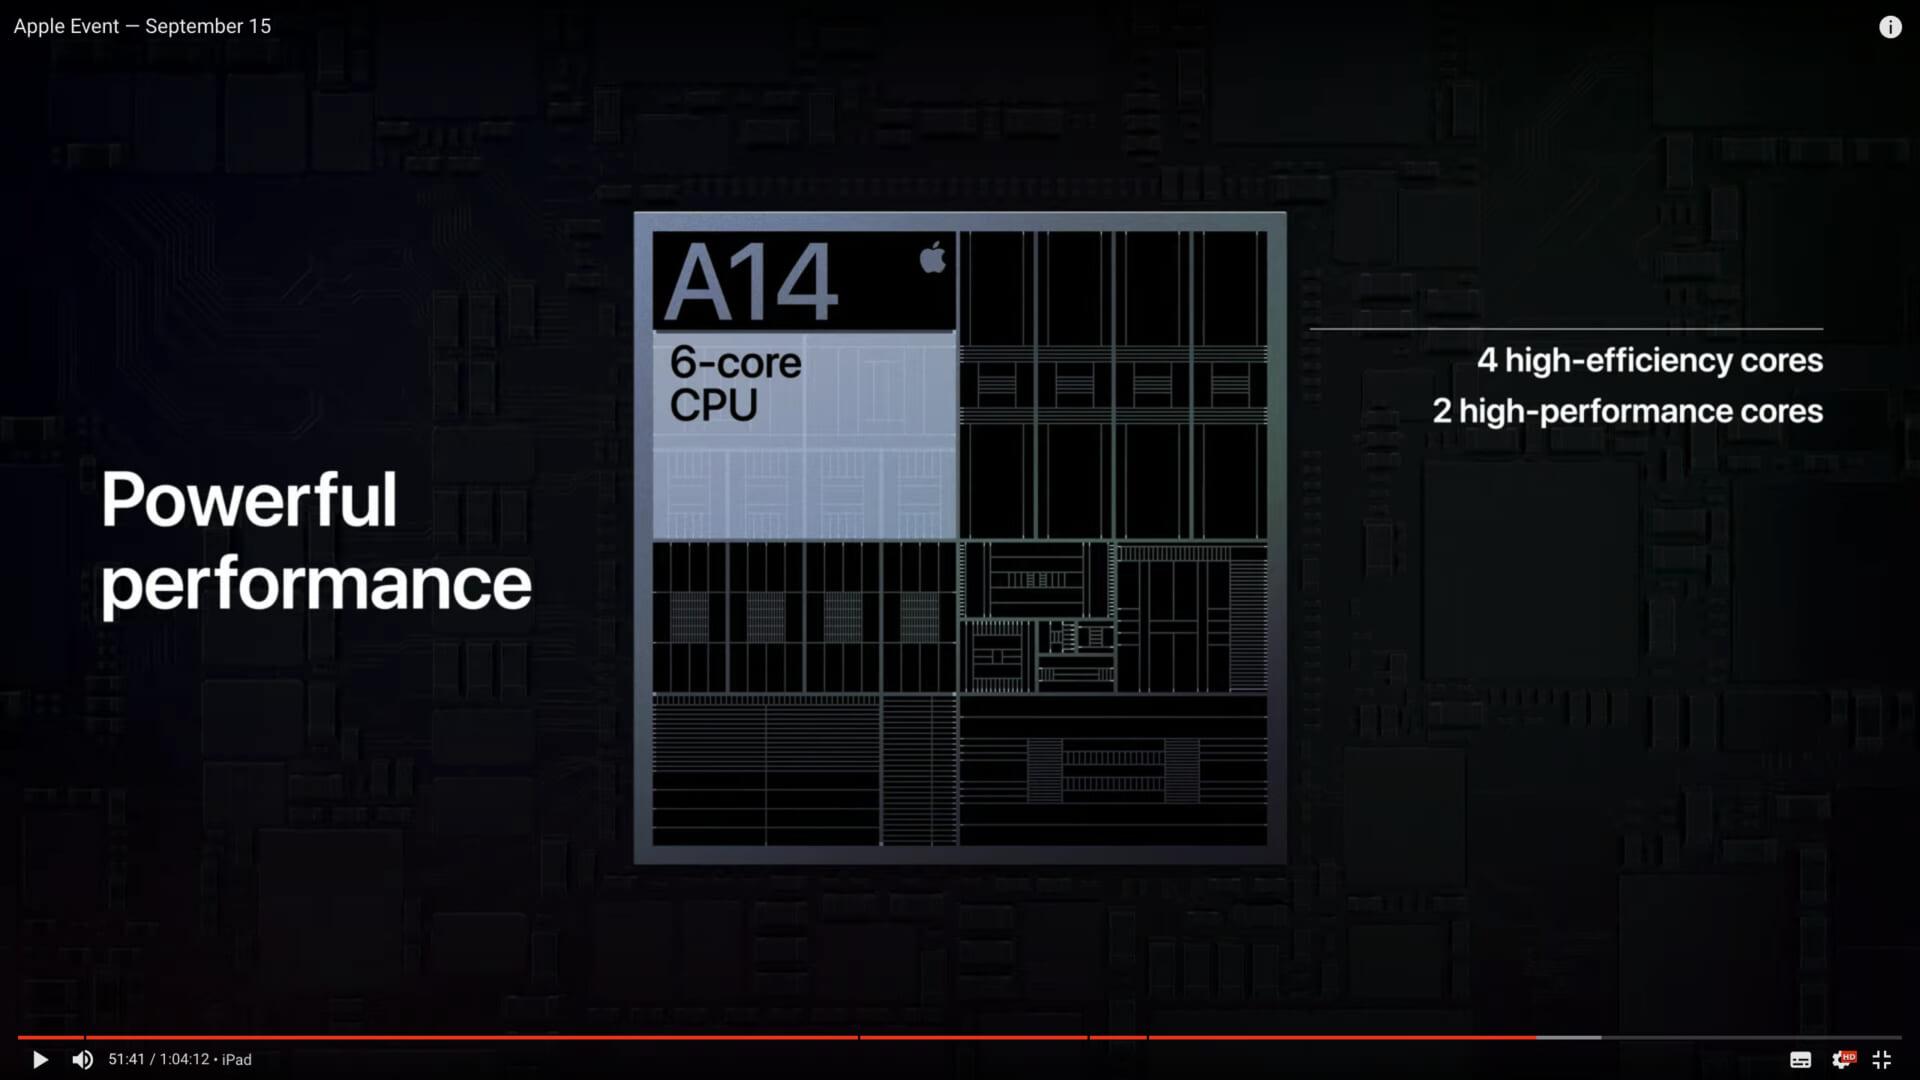 Appleの発表を見て、A14Xについて予想を立ててみました